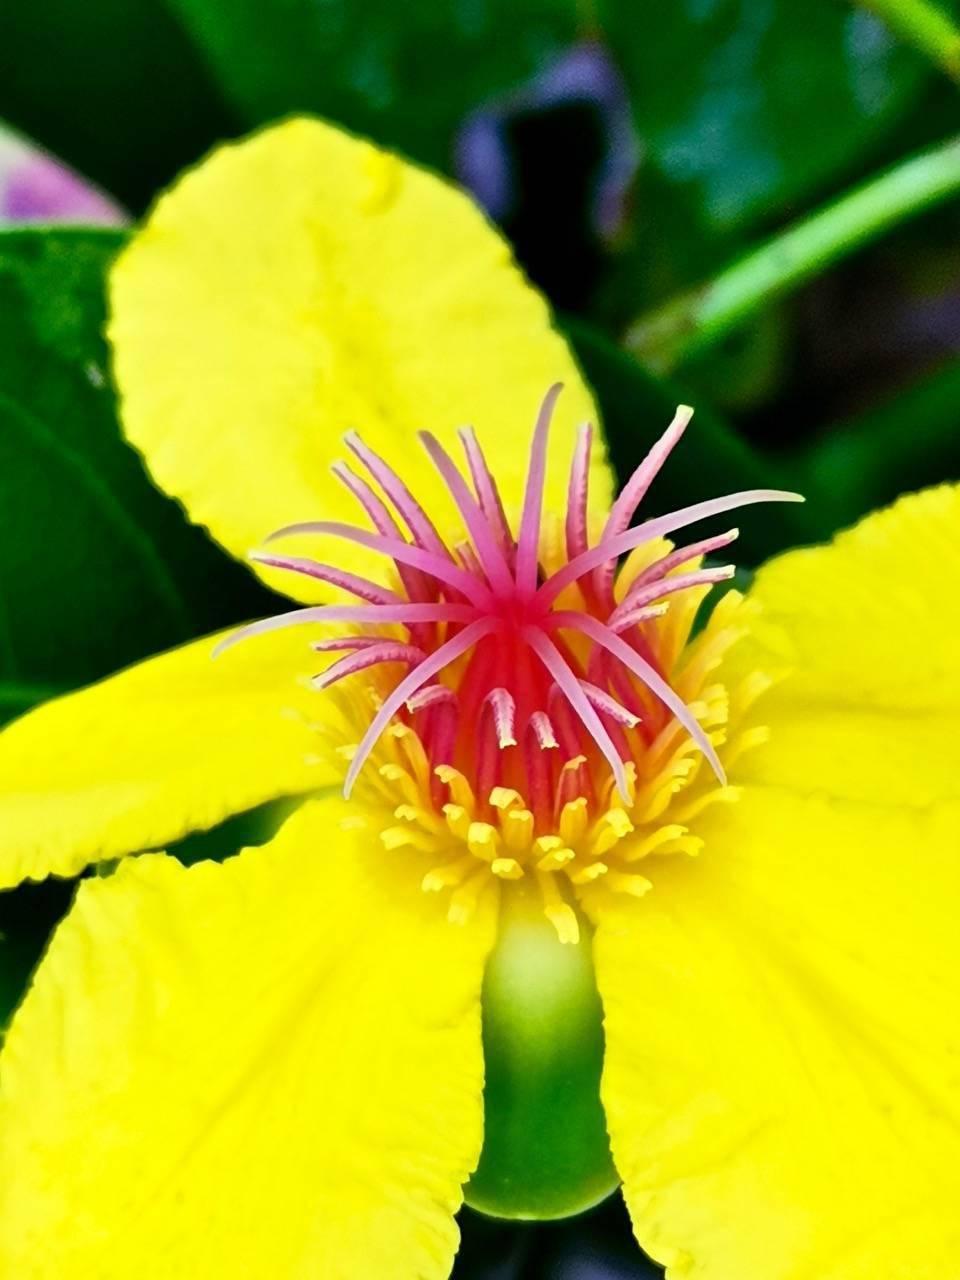 正月十五鲜花图,花型各异真是赏心悦目